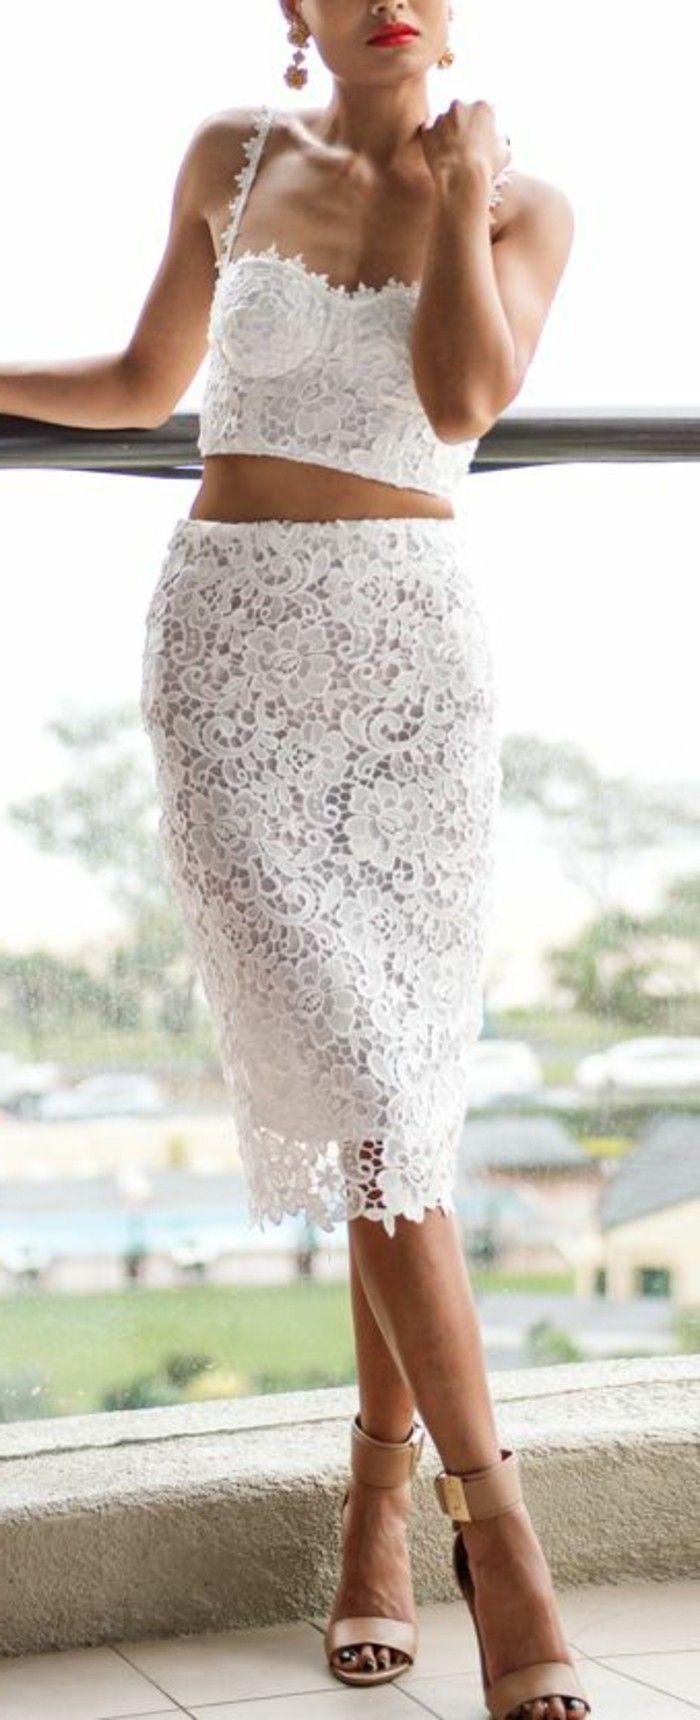 jupe mi-longue en dentelle blanche, talons hauts beiges top en dentelle